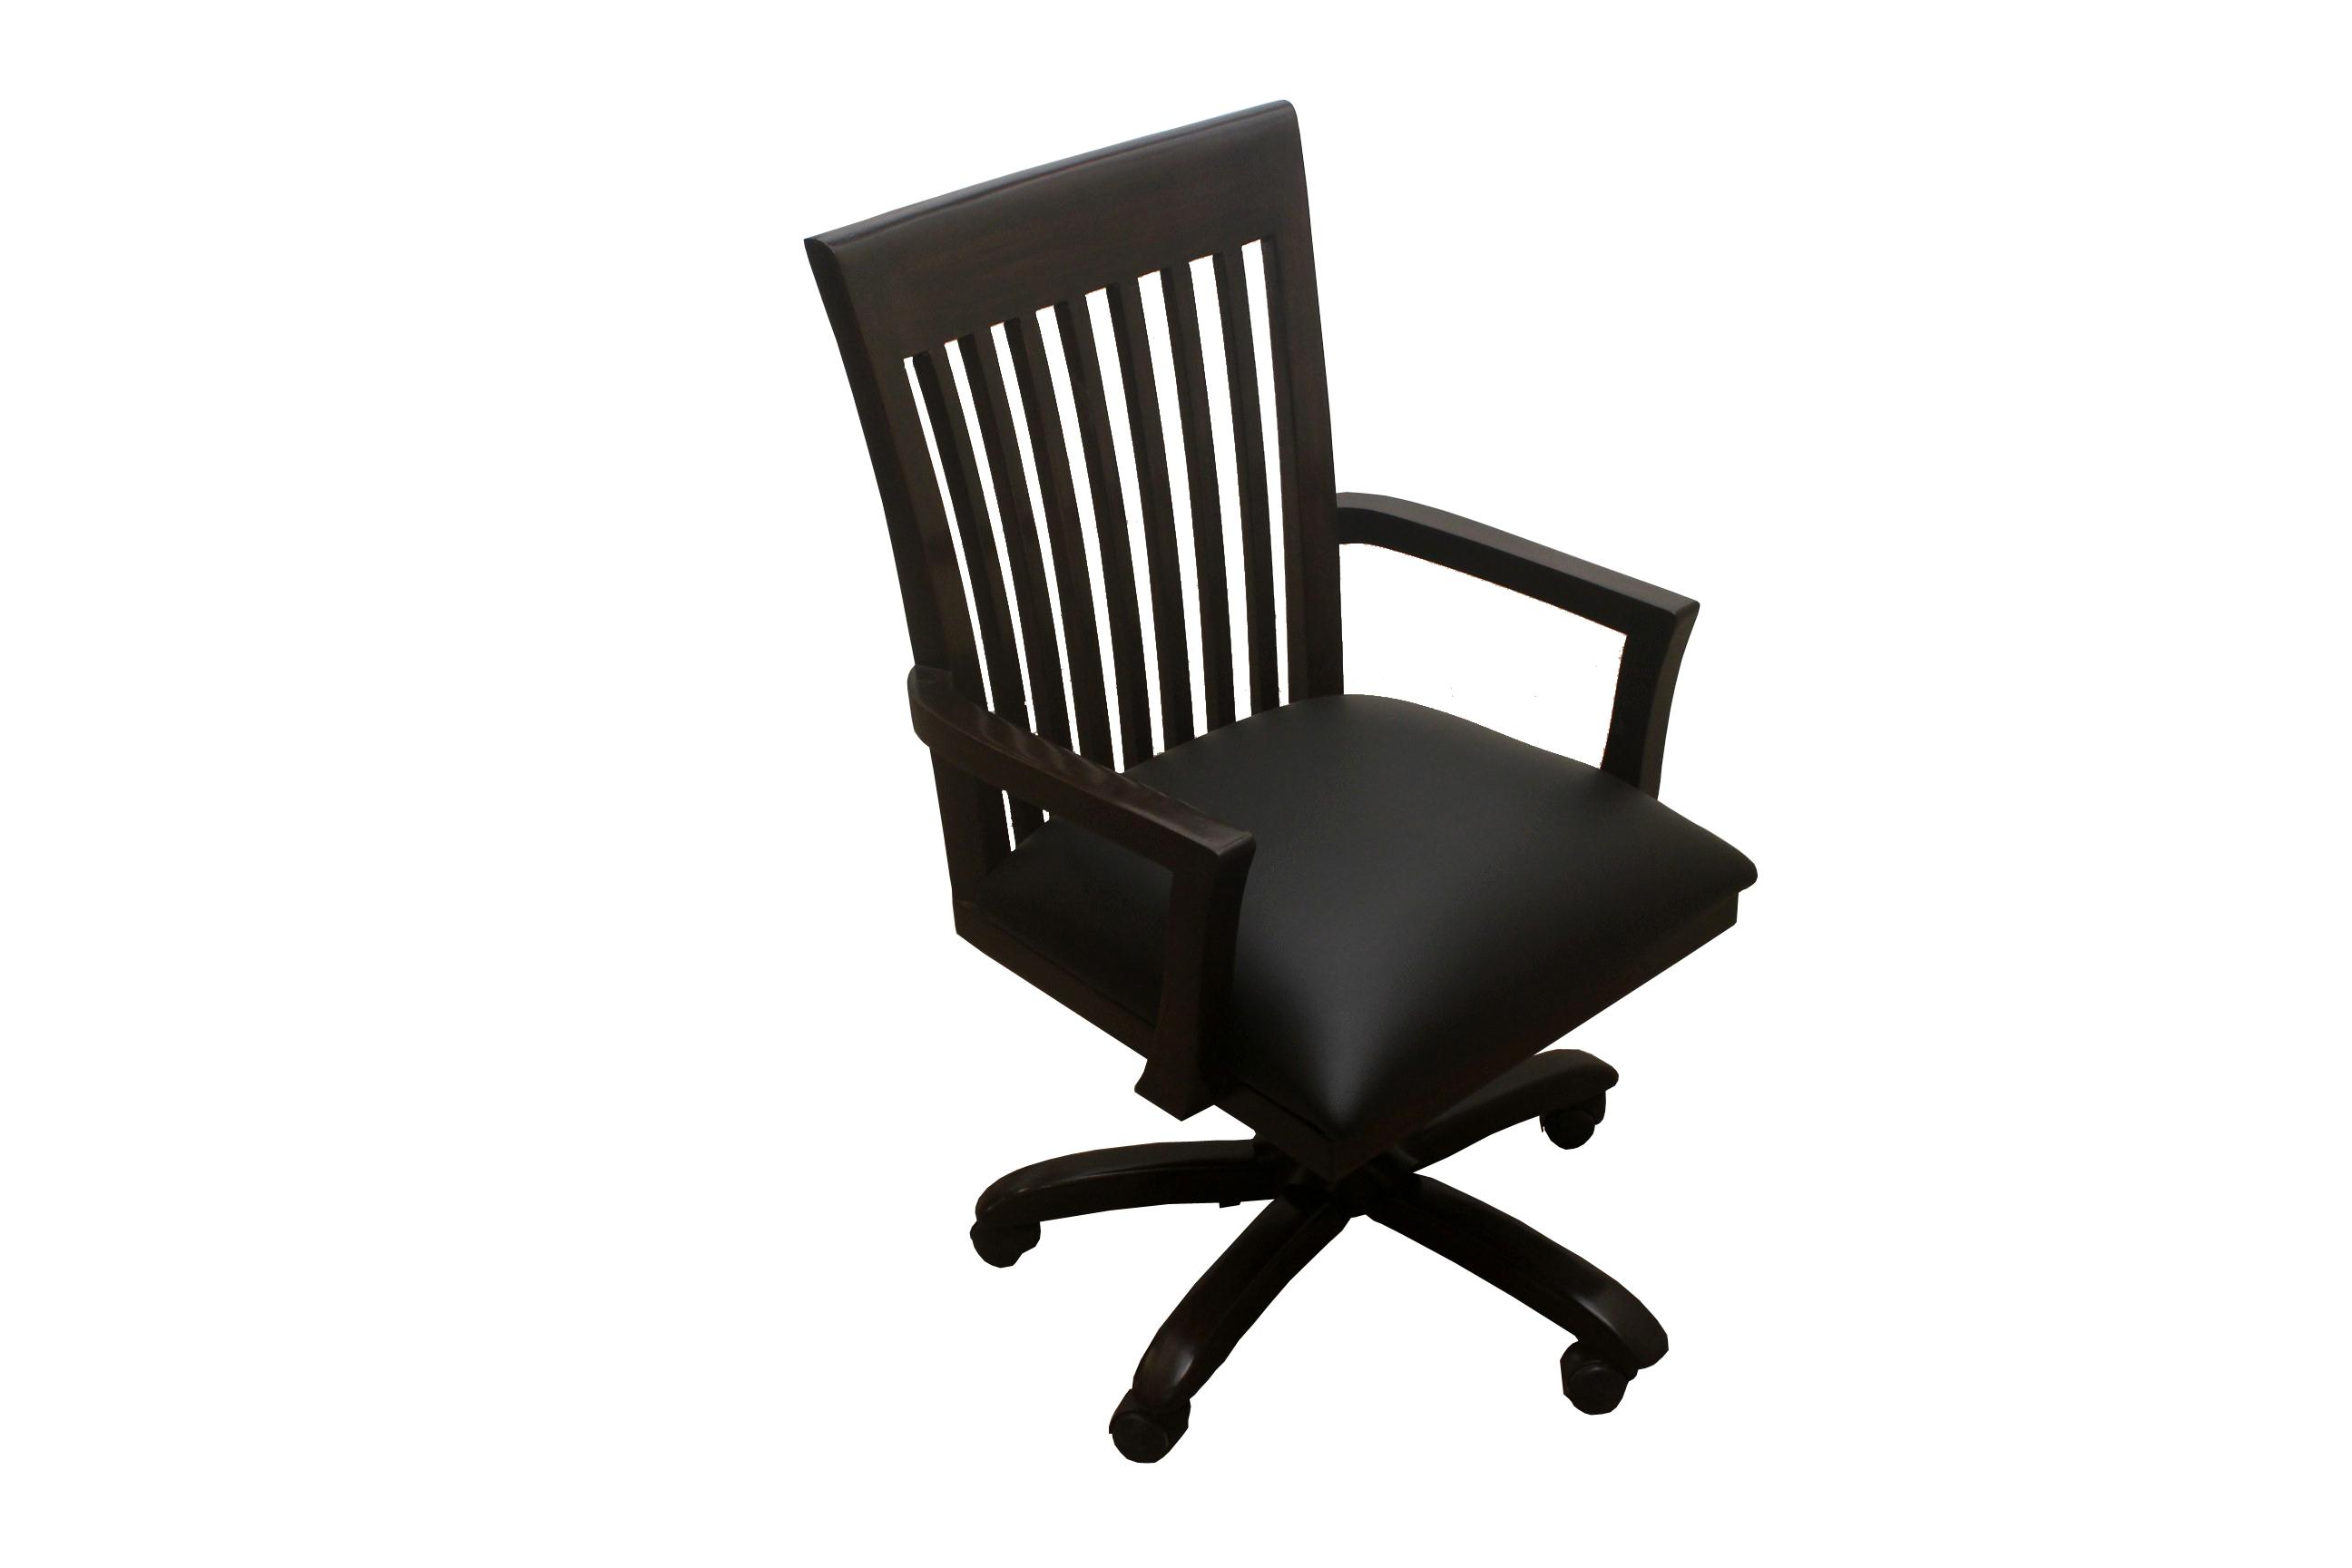 teak wood rocking chair bangalore. teak wood rocking chair bangalore